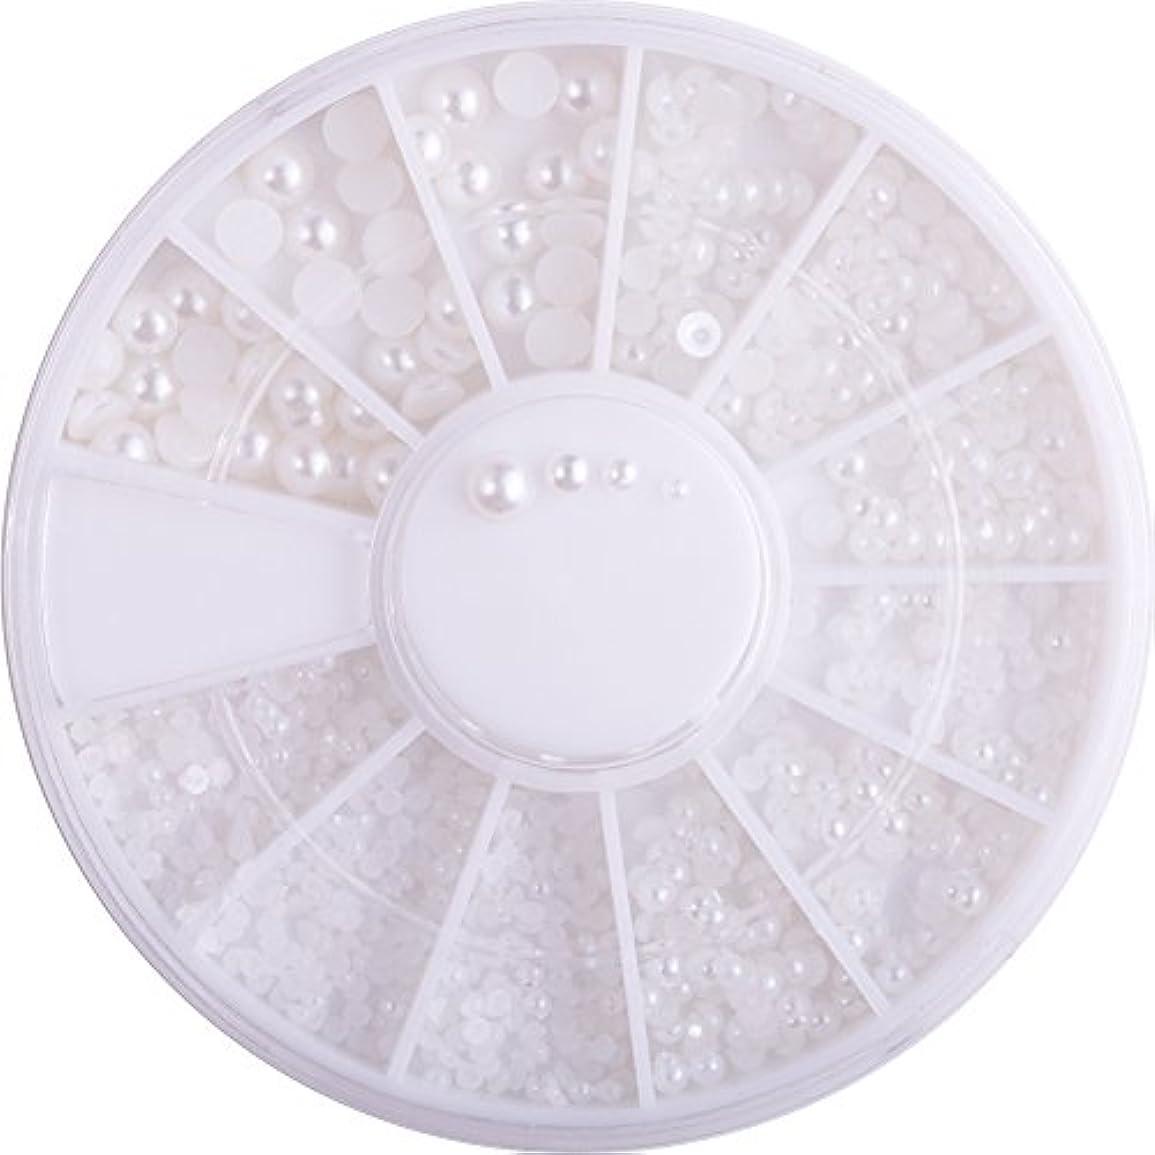 リズムラッチお風呂を持っているユニークモール(UniqueMall)半円パール ホワイト ネイル デコ用 1.5mm,2mm,2.5mm,3mm ラウンドケース入 ネイルアートパーツ ネイル用品